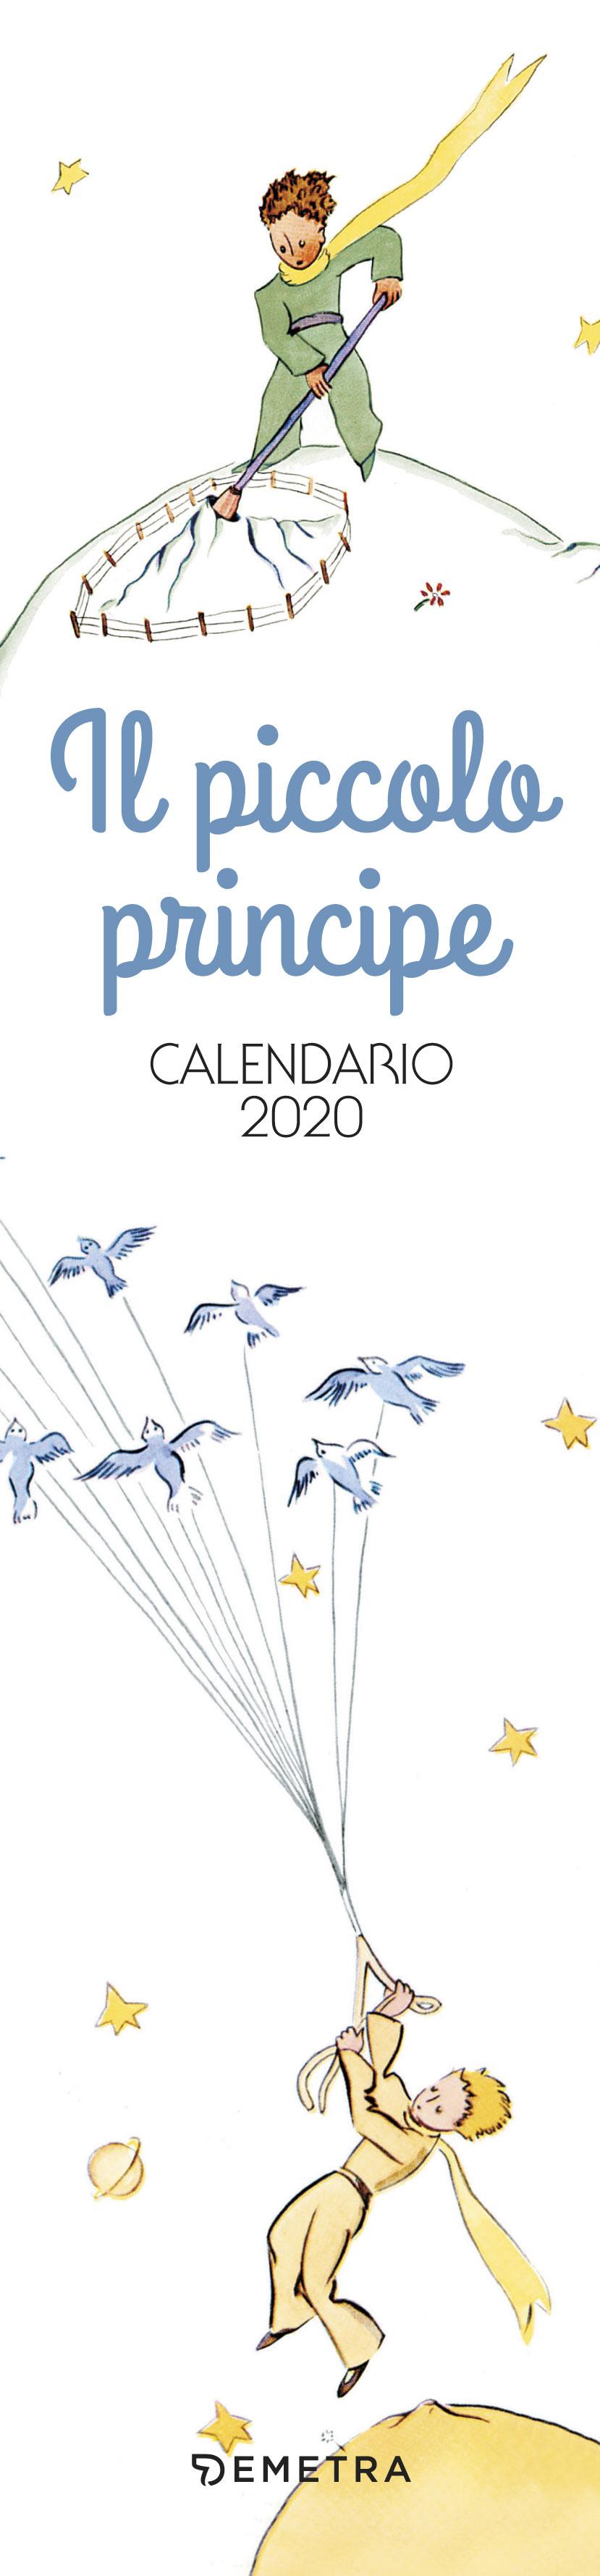 Il piccolo principe. Calendario 2020